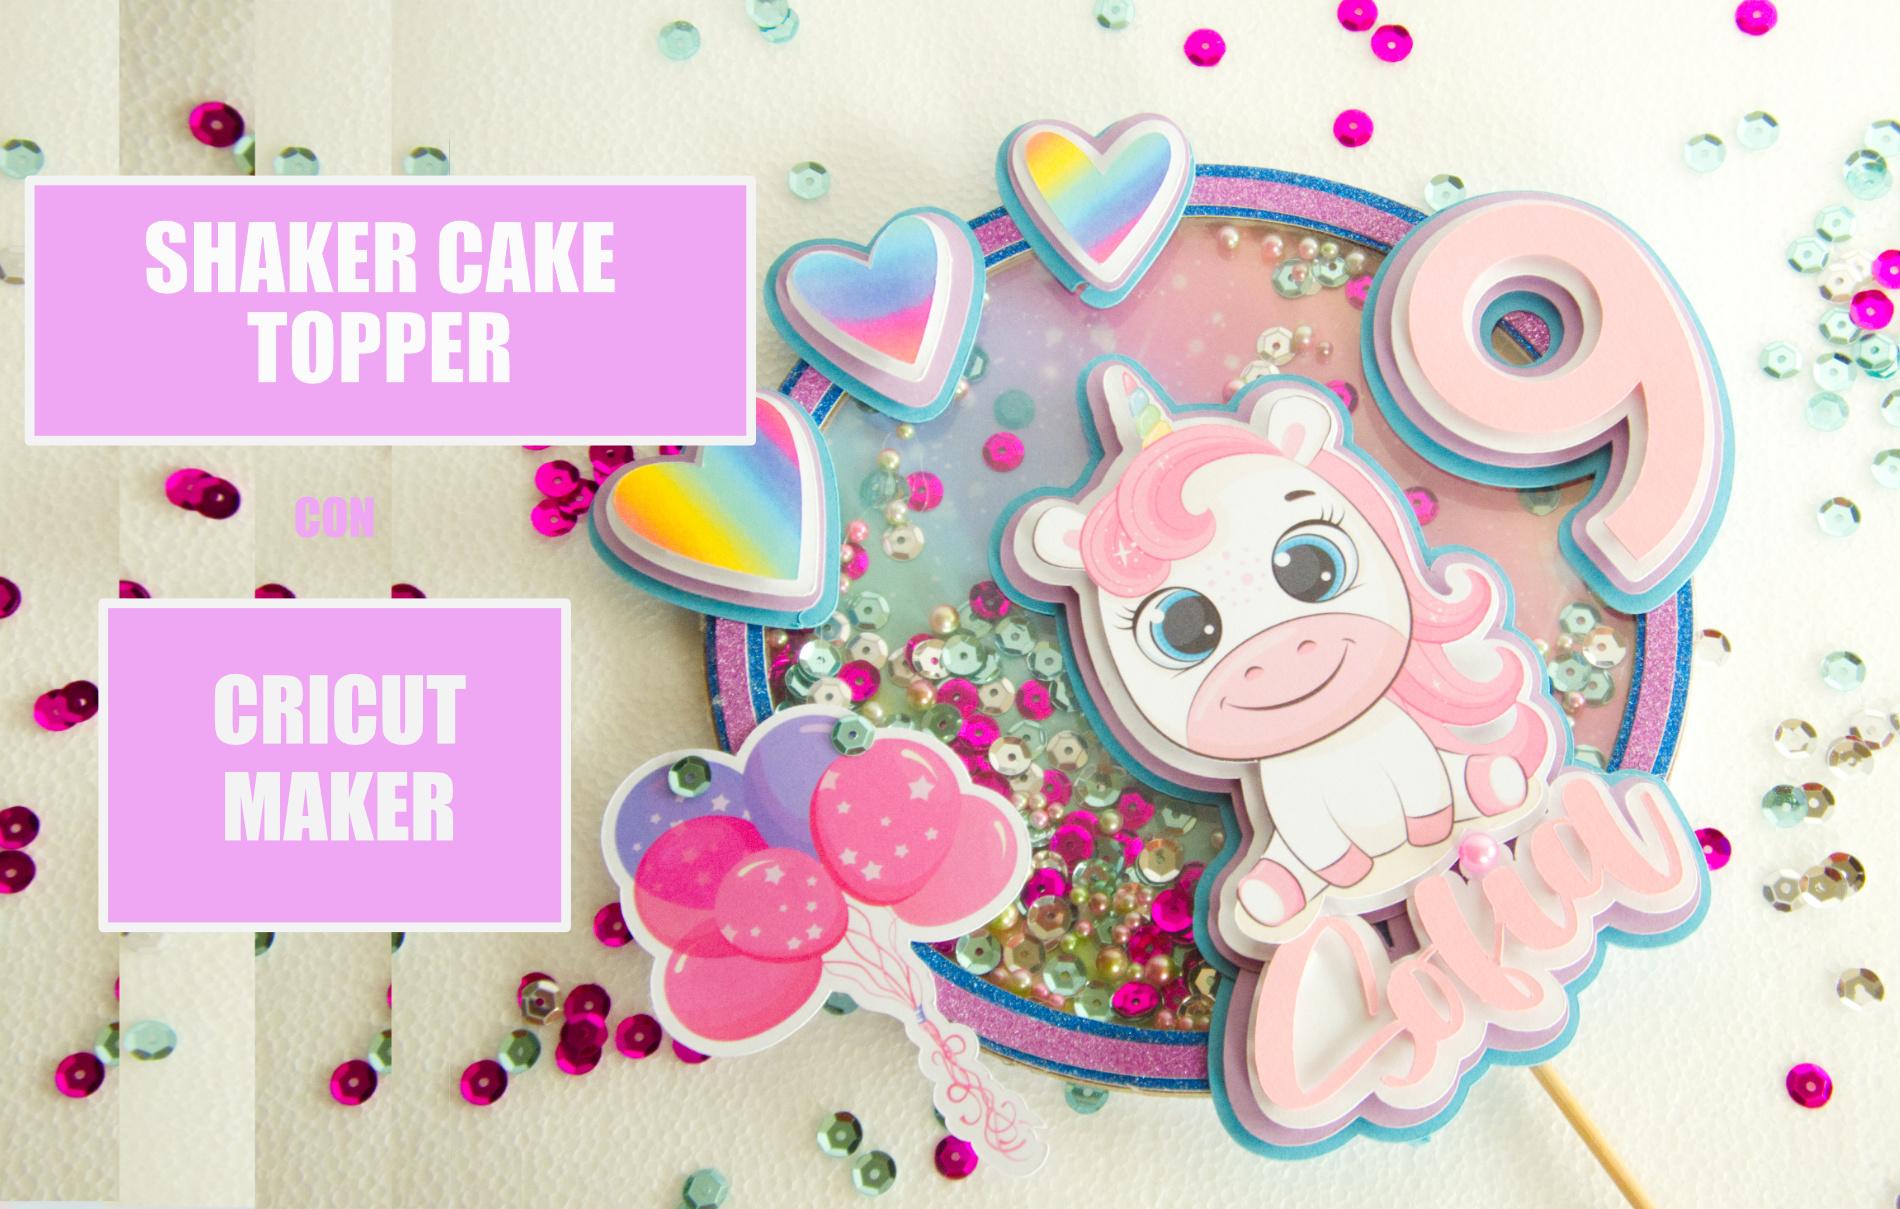 SHAKER CAKE TOPPER CRICUT